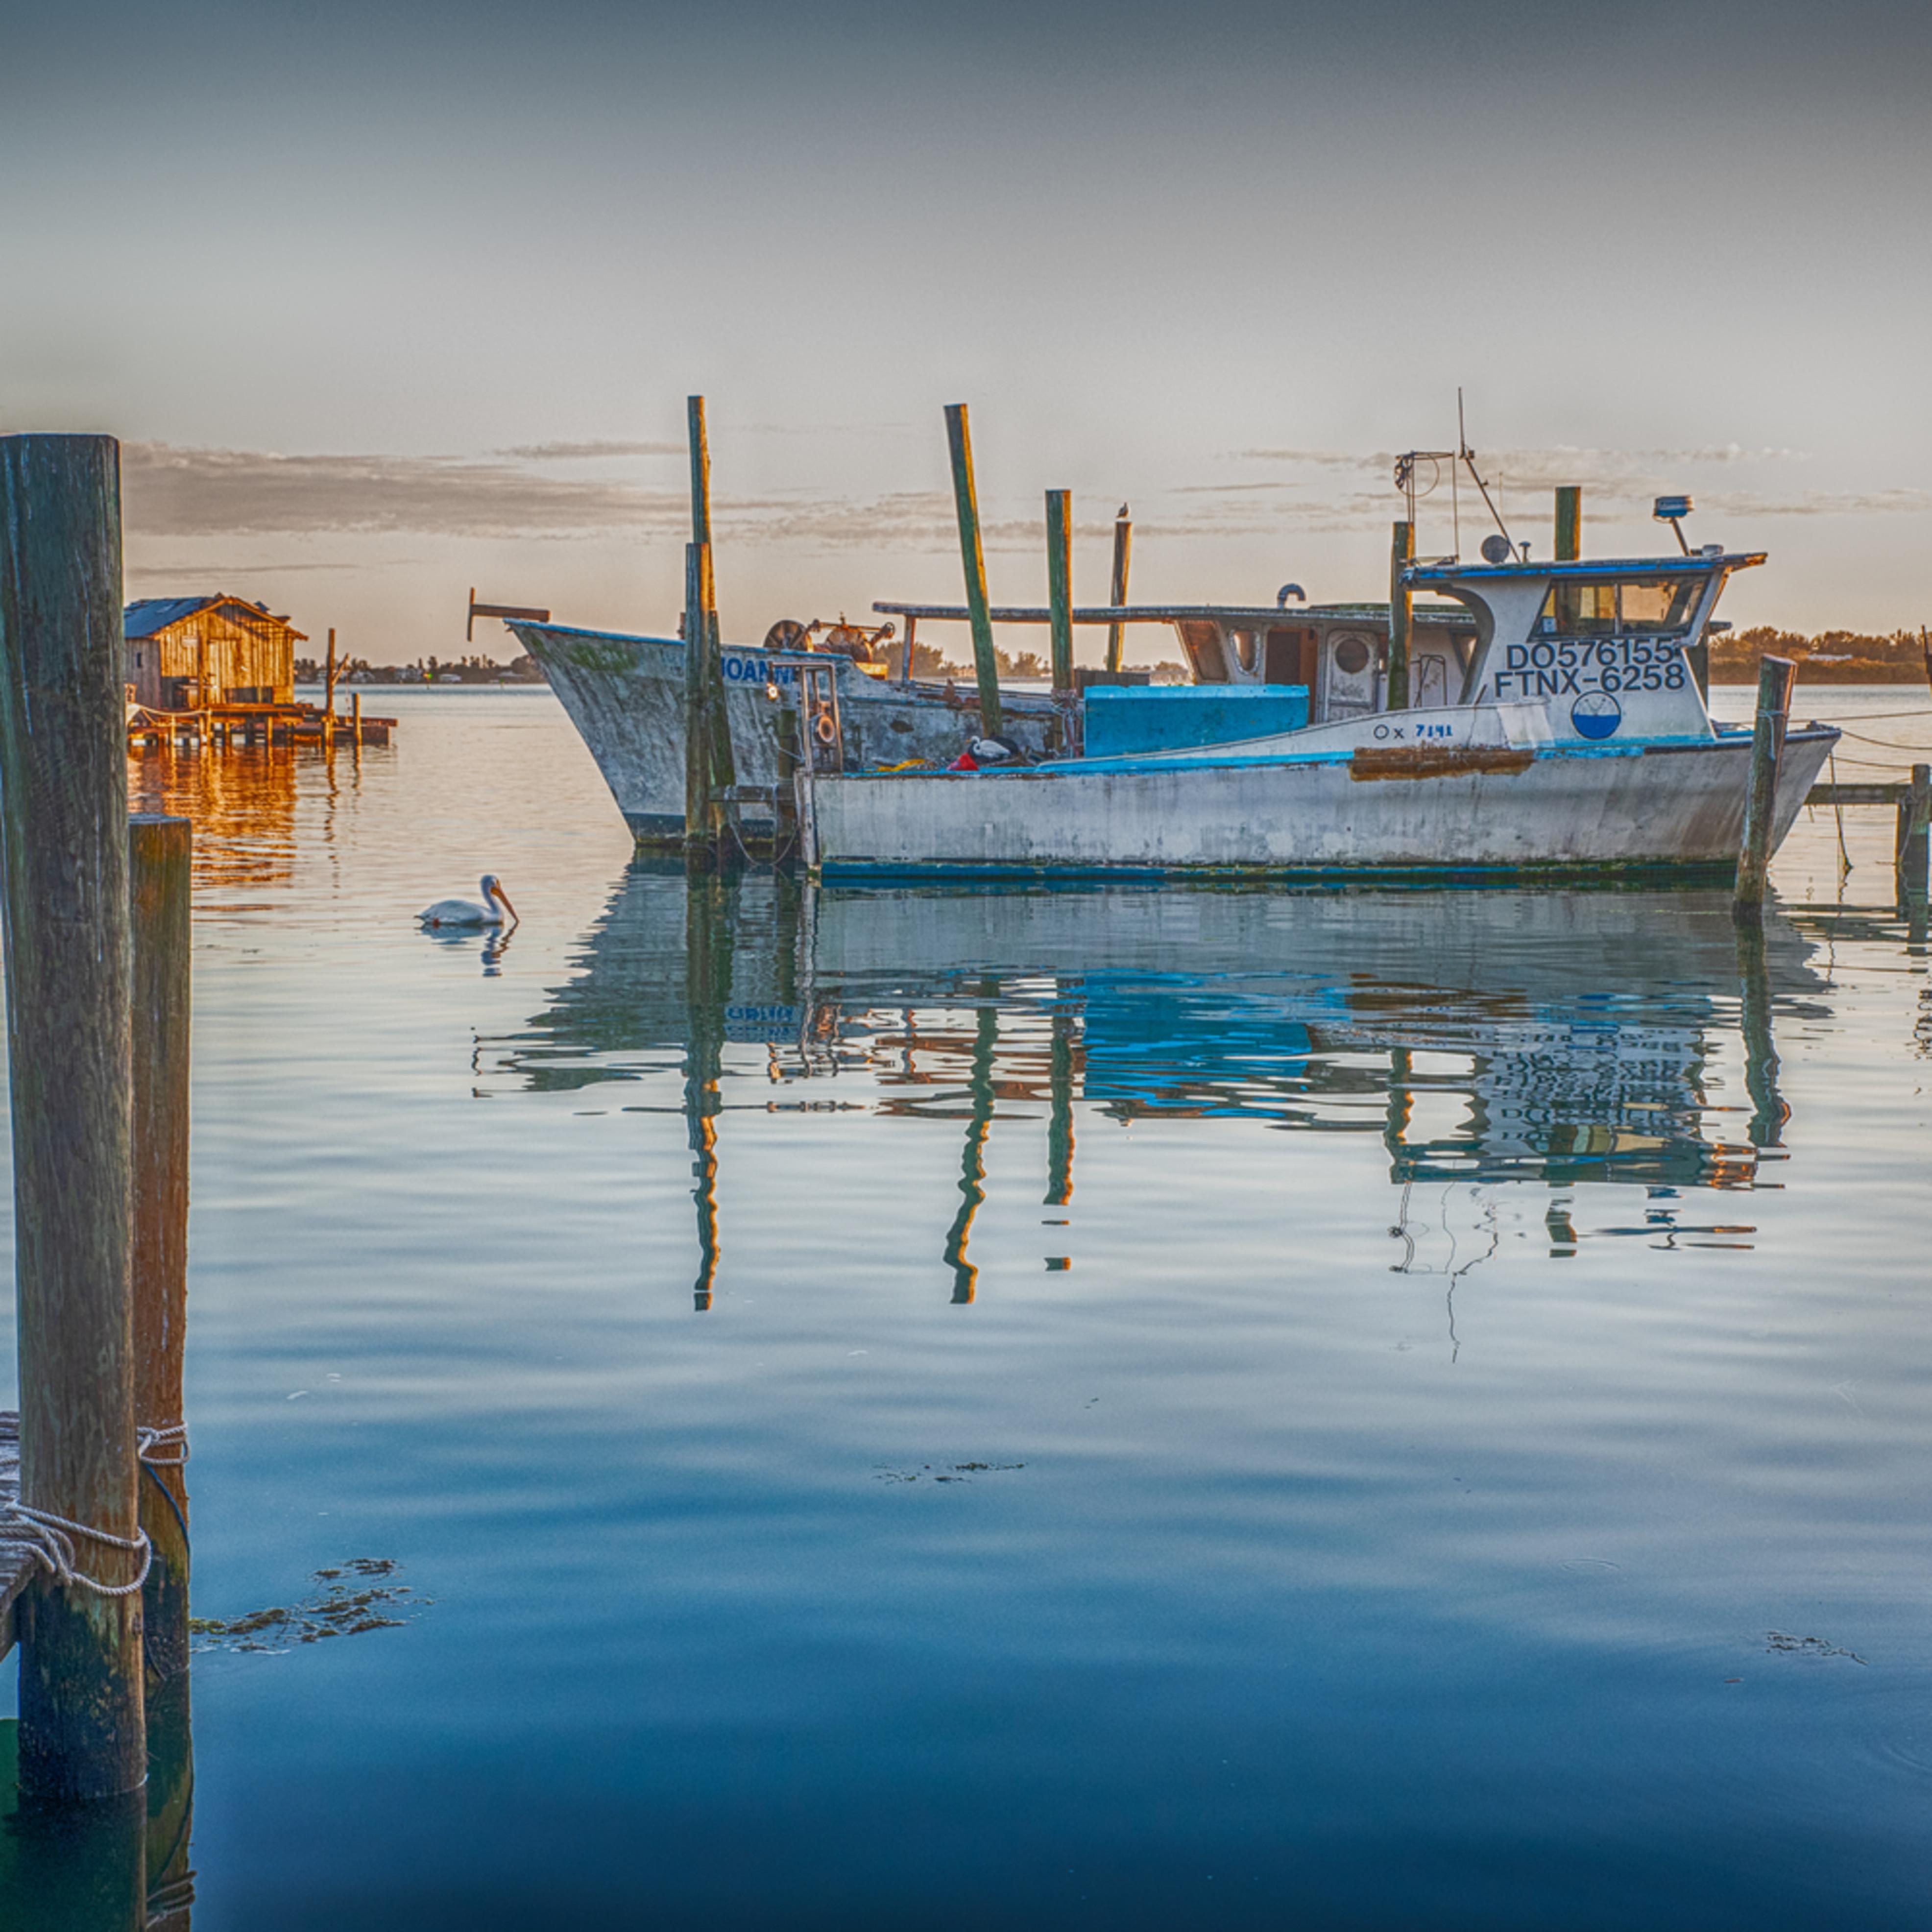 Star fish dock du8o06